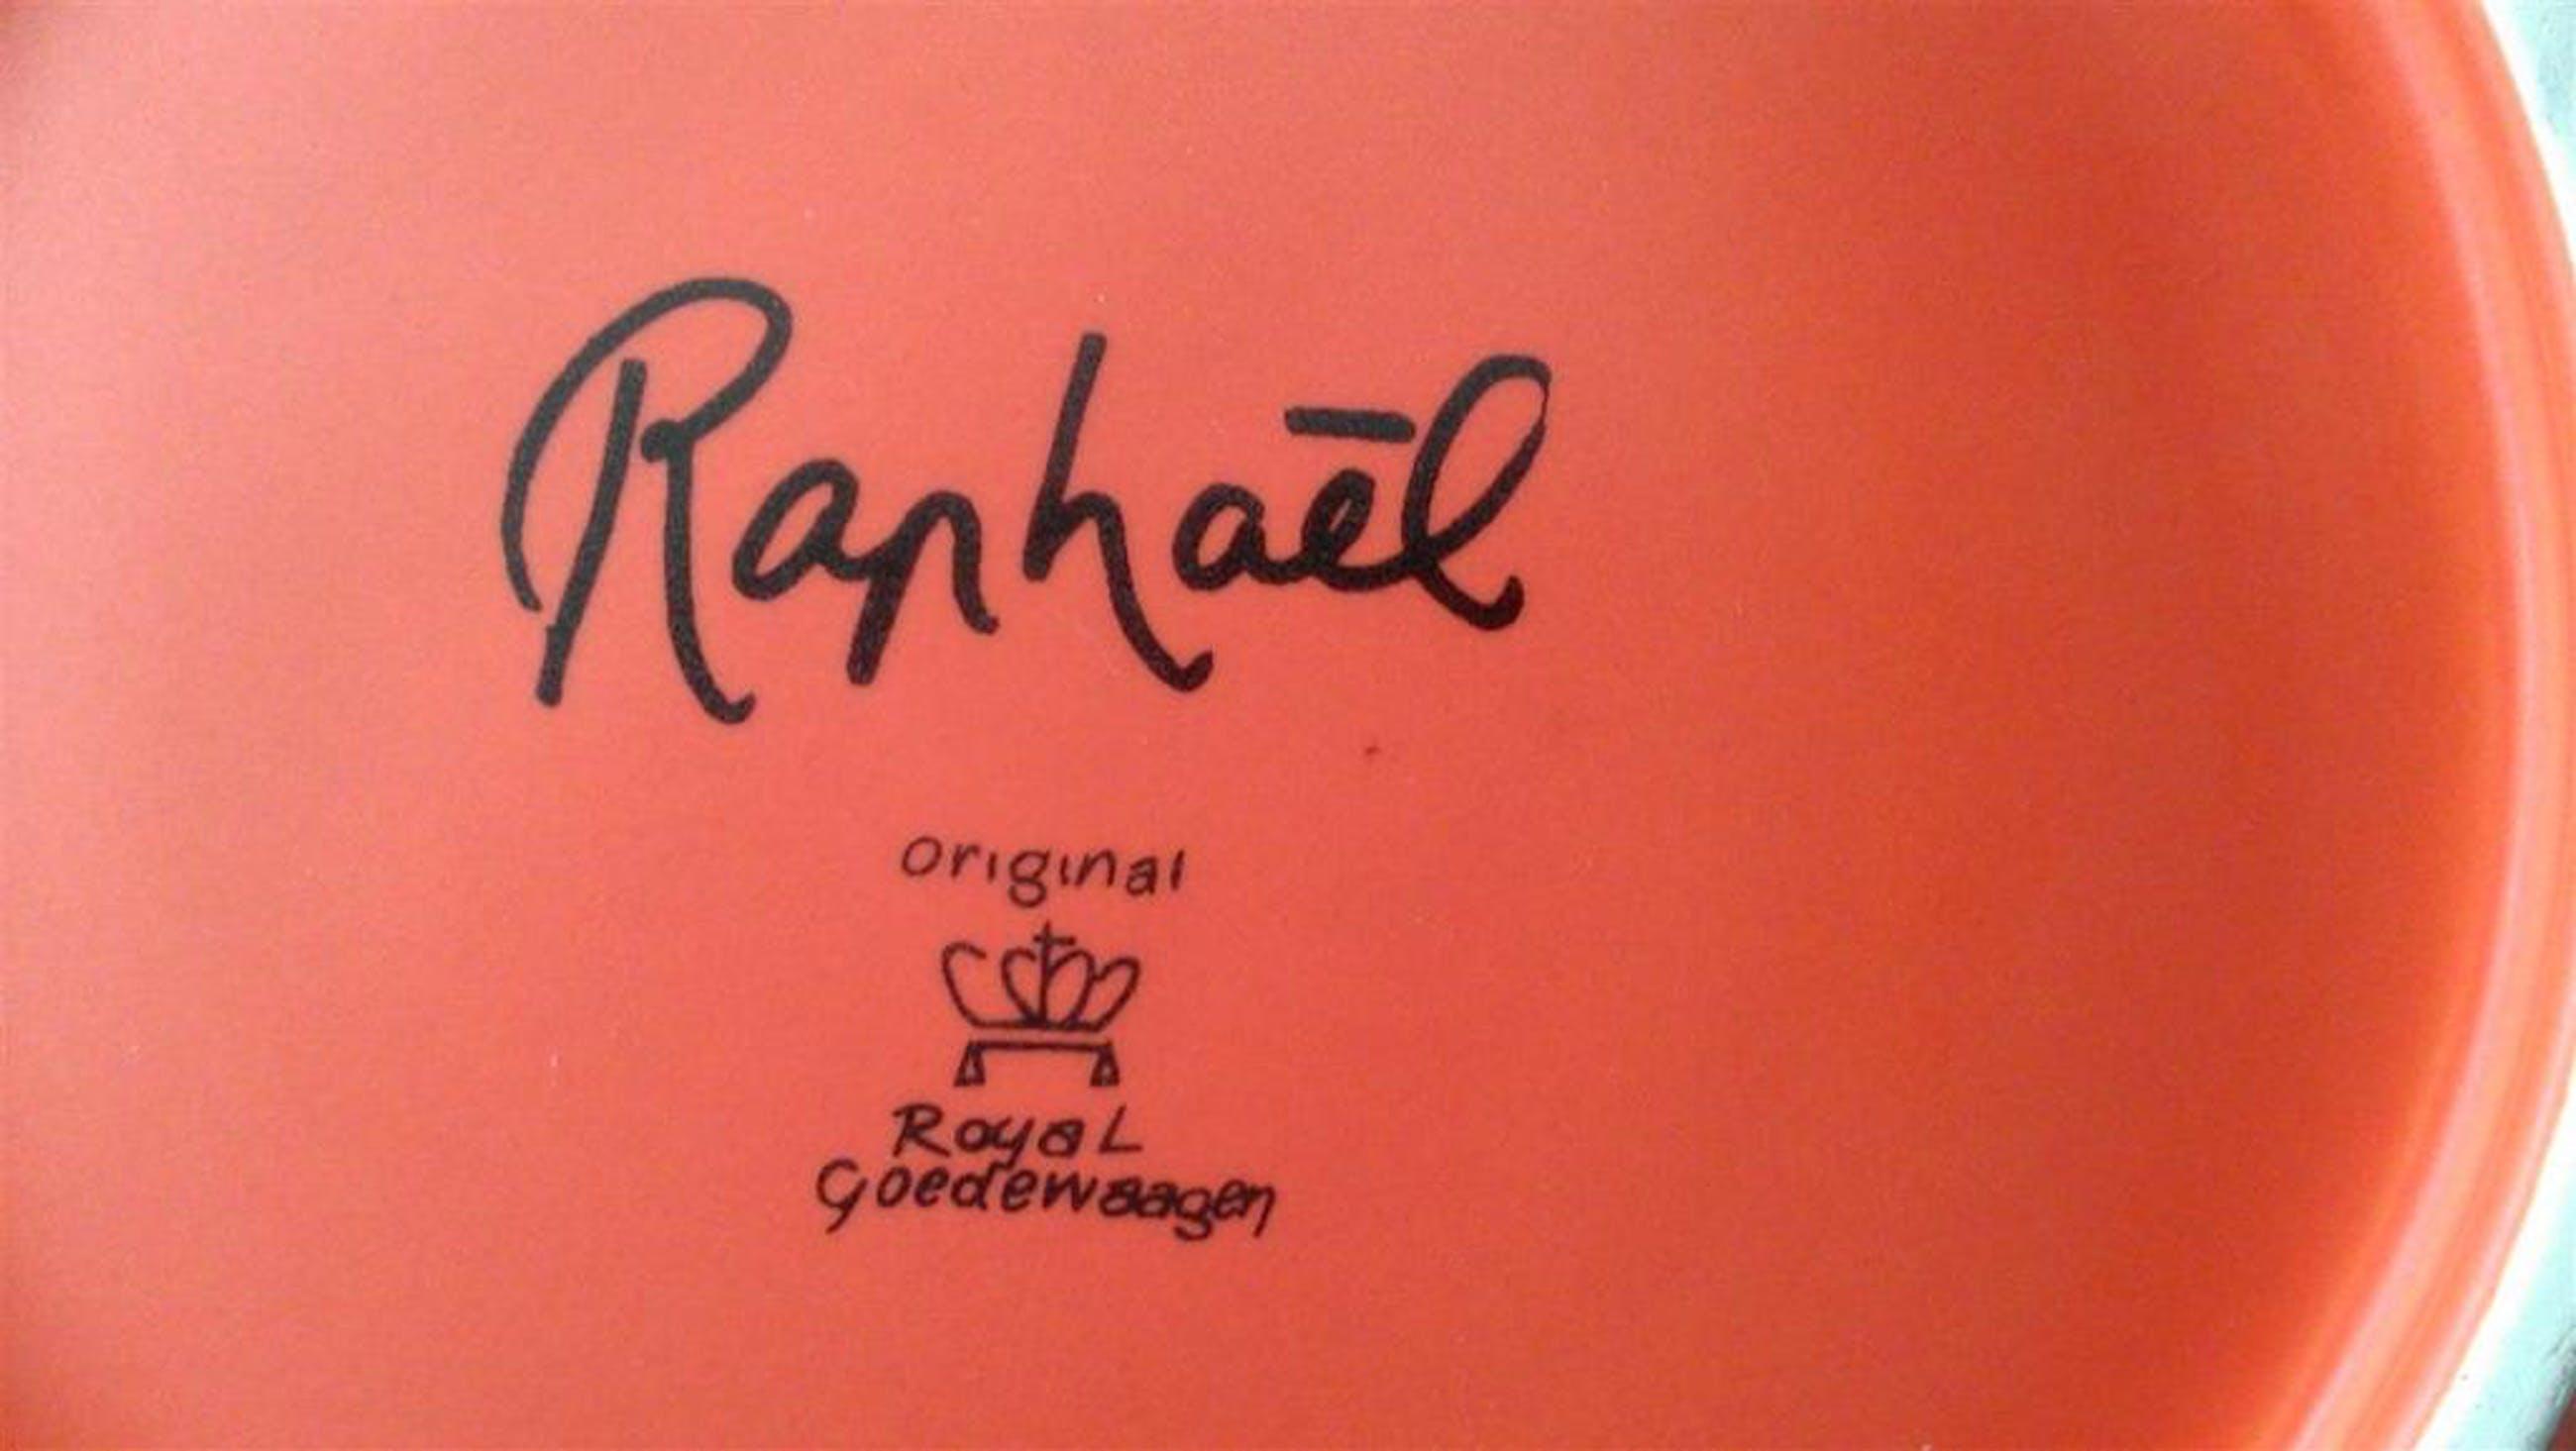 Raphaël Hermans voor Royal Goedewaagen - grote schaal kopen? Bied vanaf 19!